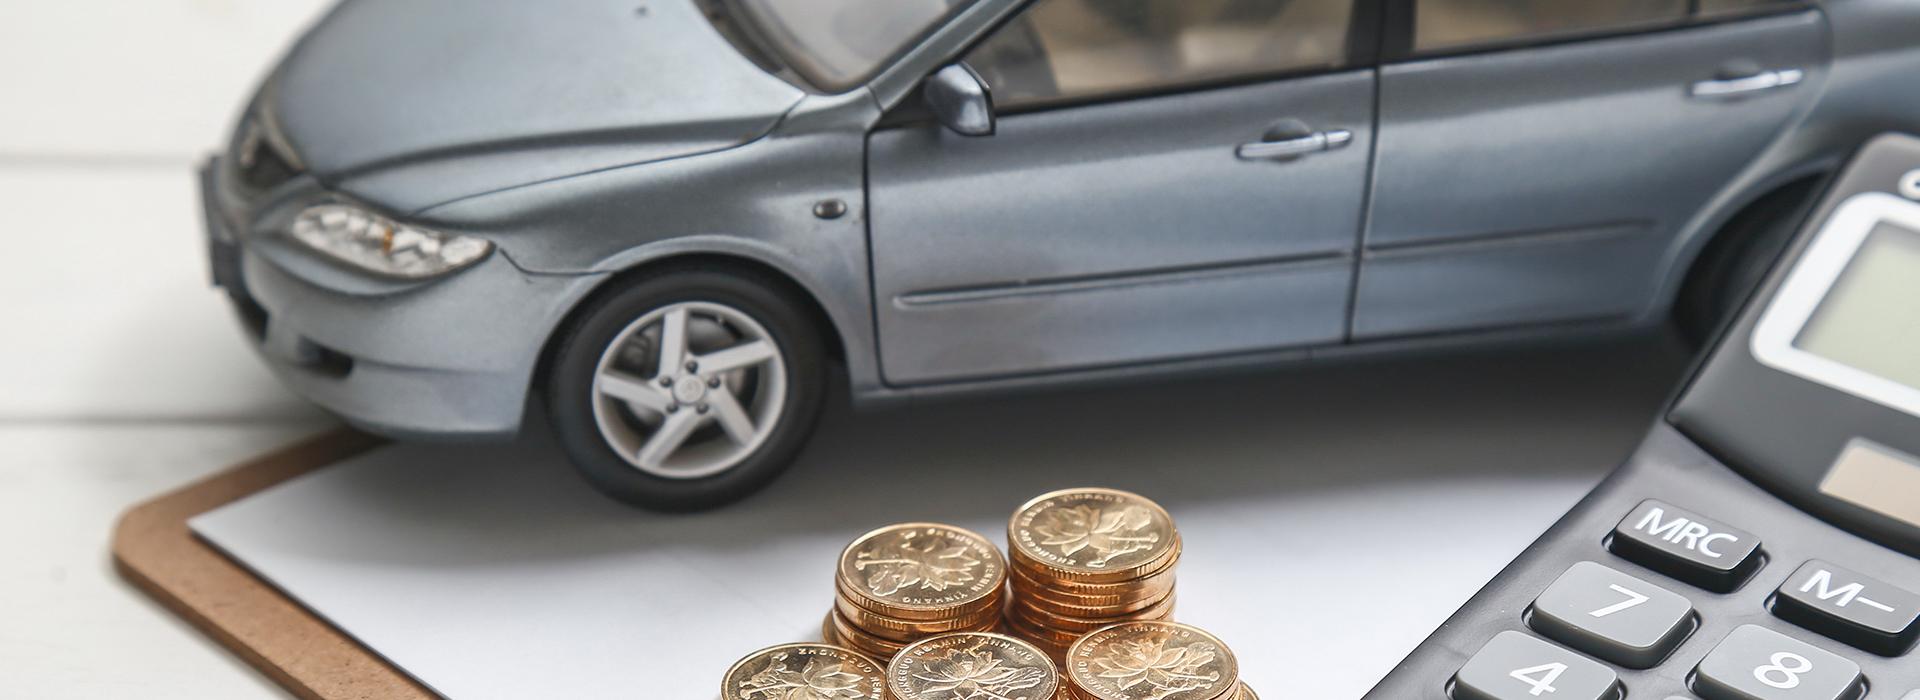 Atrakcyjne oferty leasingu samochodowego